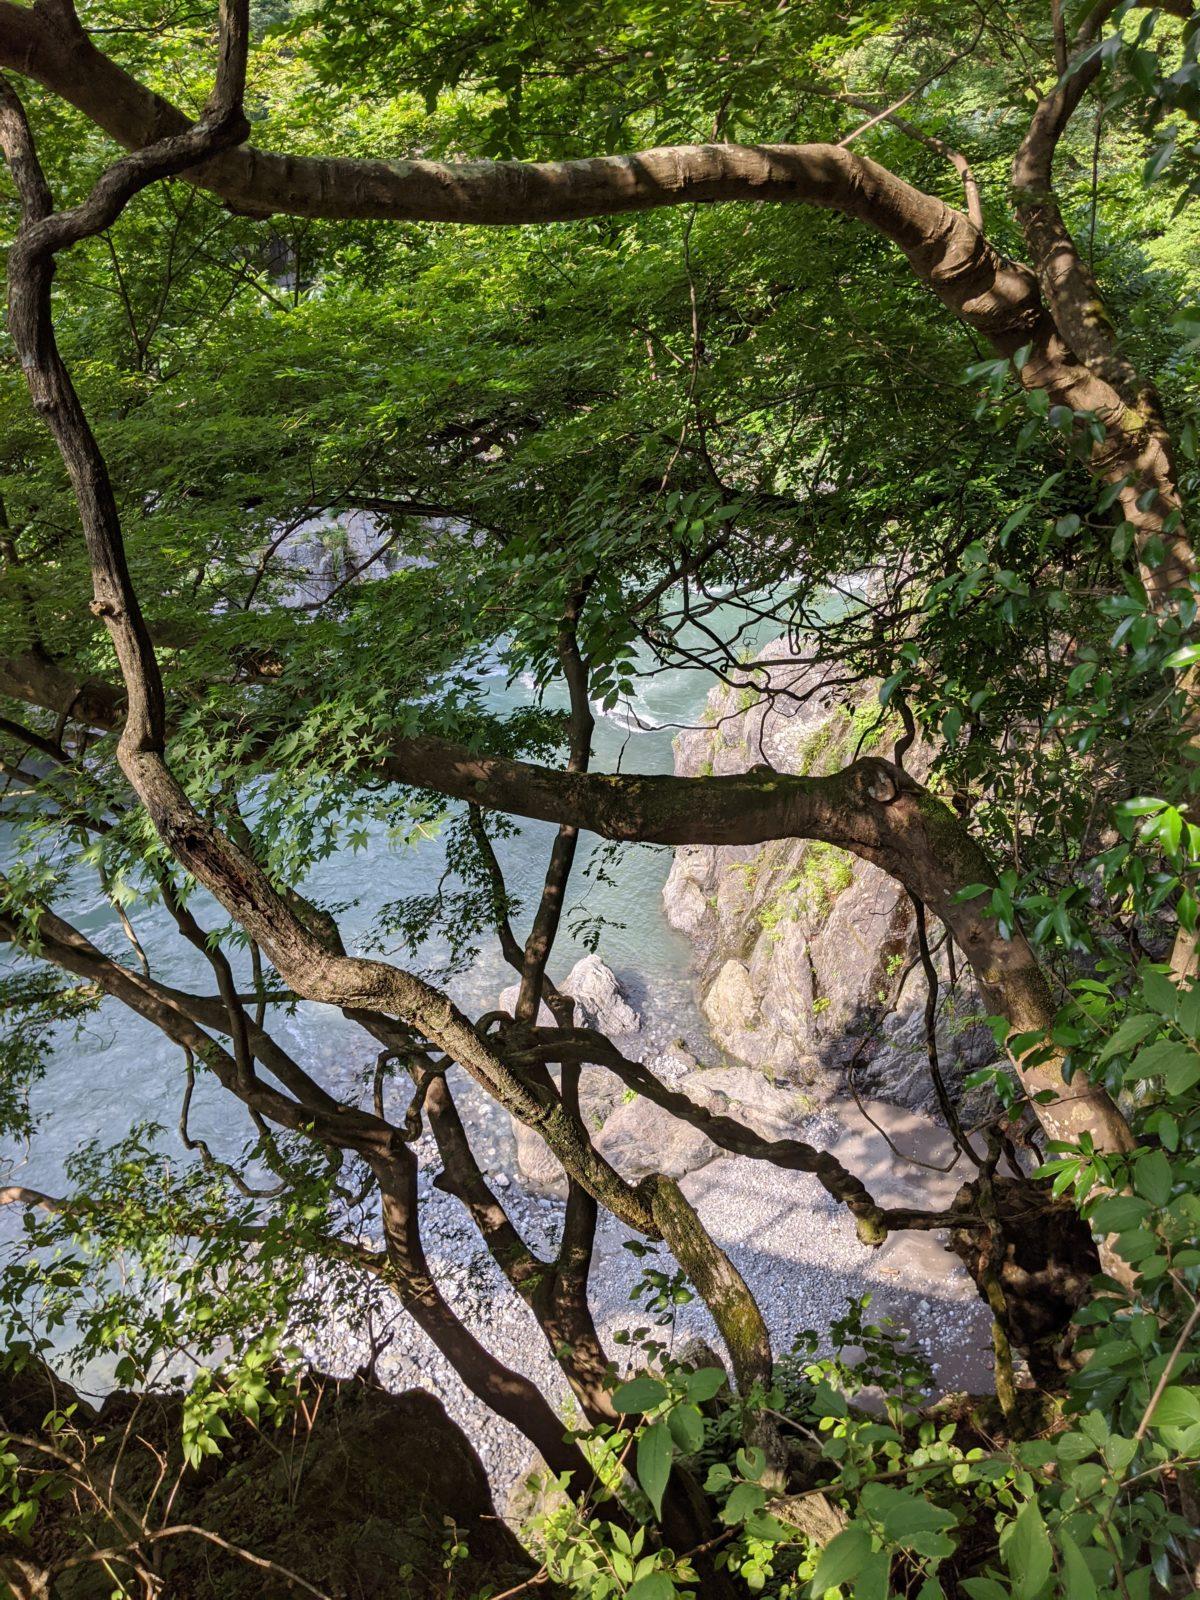 奥多摩・鳩ノ巣渓谷は冒険心がくすぐられる場所でした①インディ・ジョーンズ気分になれた!